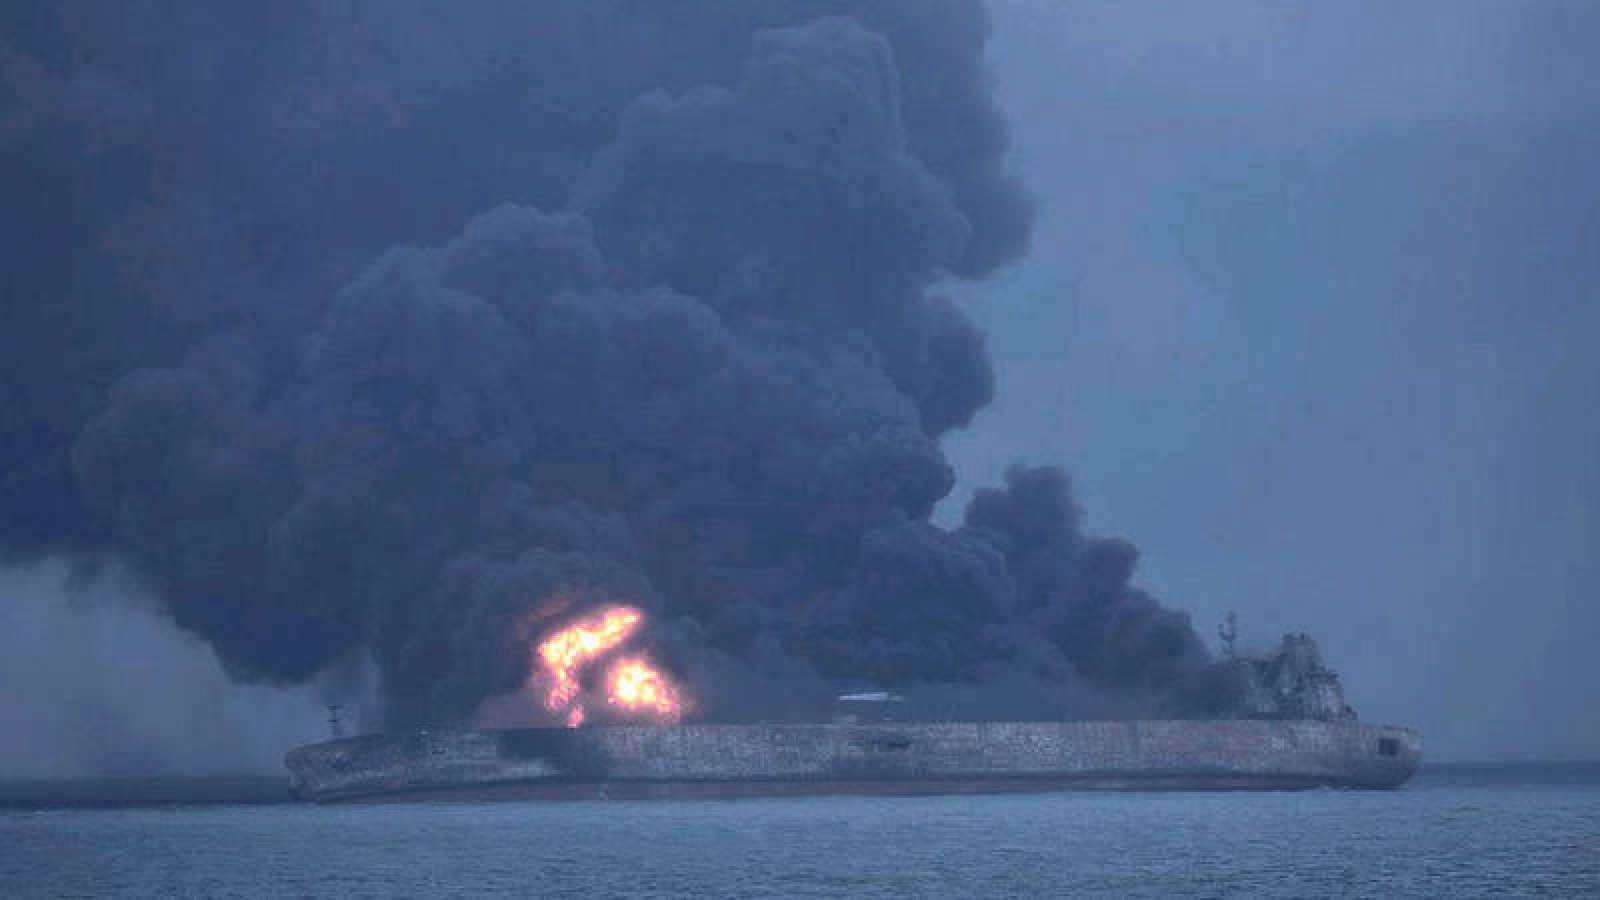 El petrolero Sanchi deja en el mar cuatro manchas de 101 kilómetros cuadrados